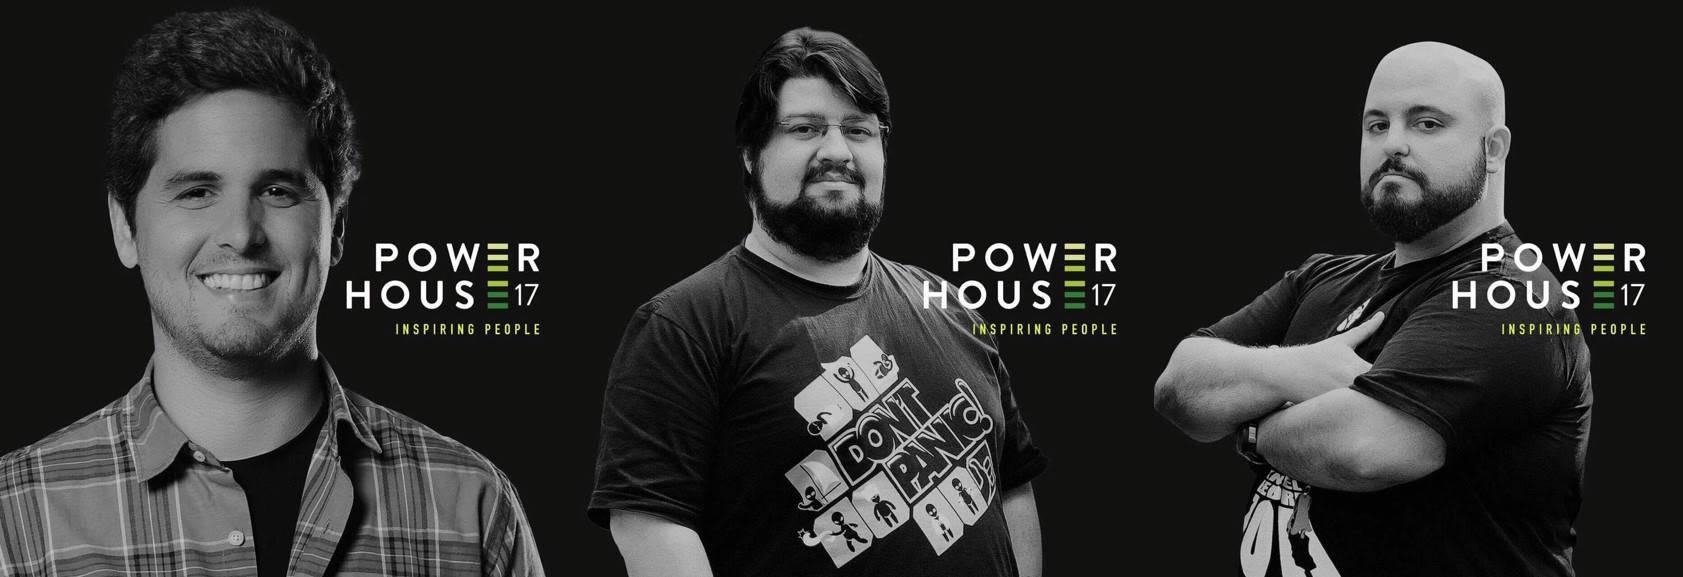 Rony Meisler, da reserva e Jovem Nerd no maior evento de empreendedorismo do Brasil: o Power House